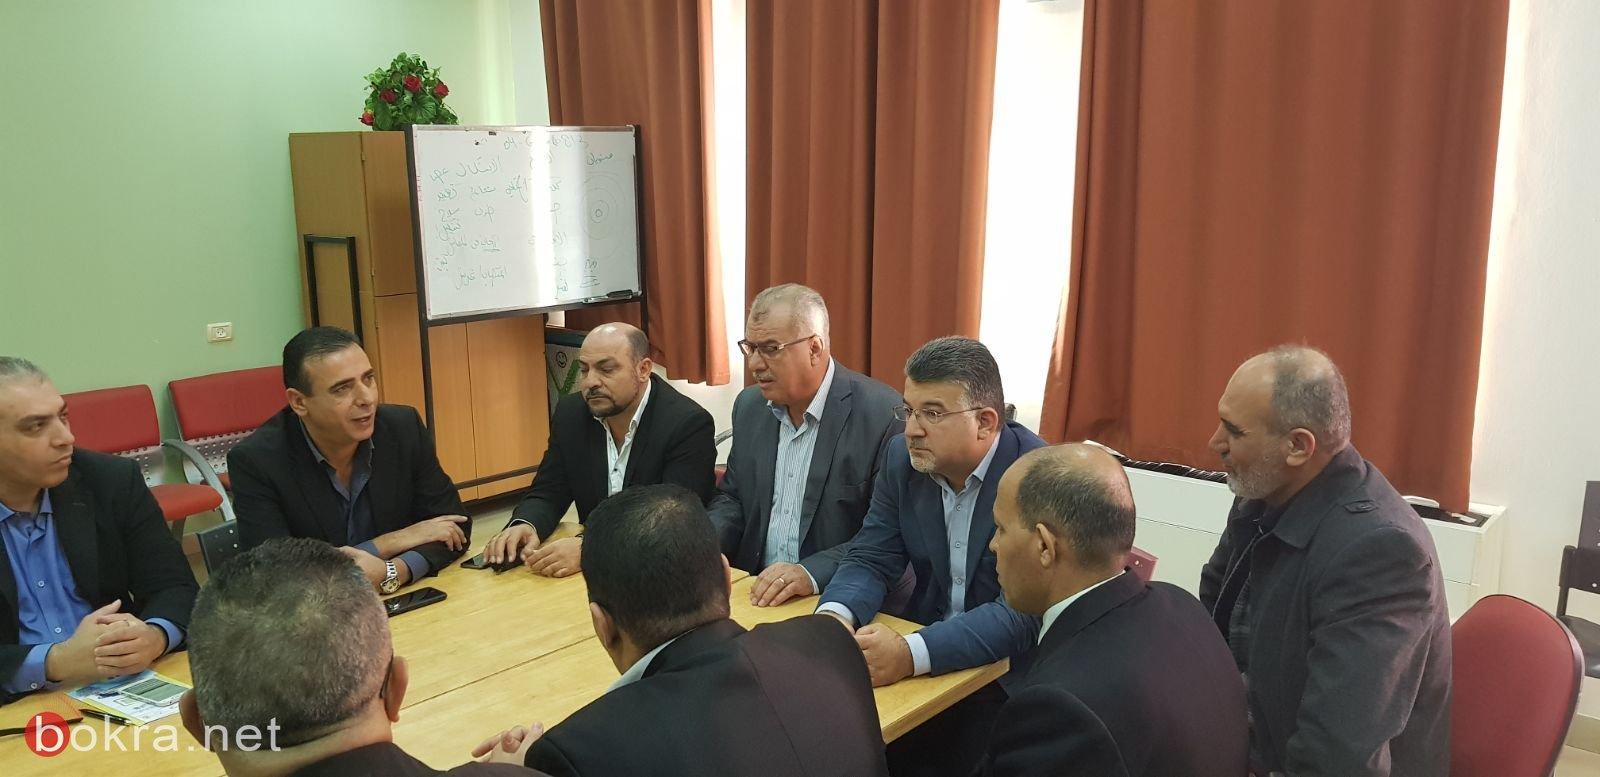 المنتدى الحقوقي في لجنة المتابعة يتداول في شكل تطوير المرافعة الدولية